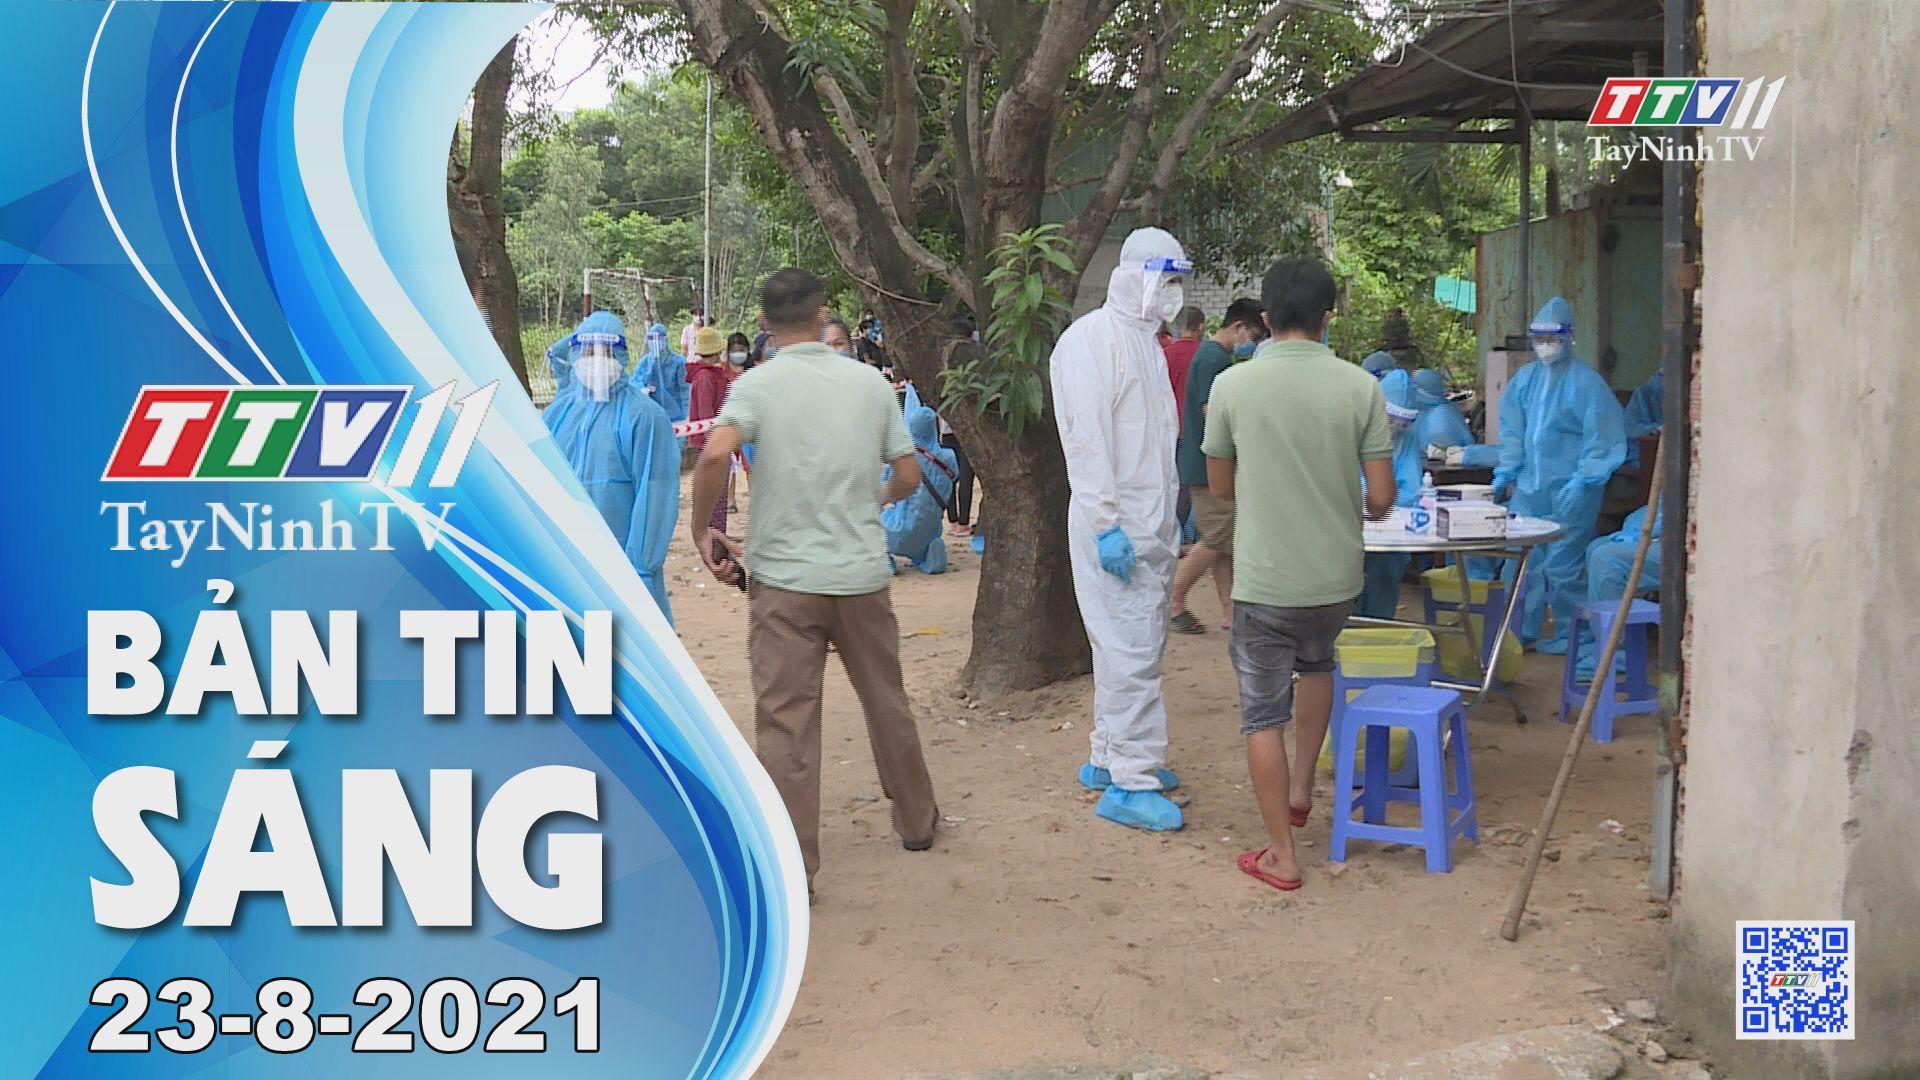 Bản tin sáng 23-8-2021   Tin tức hôm nay   TayNinhTV